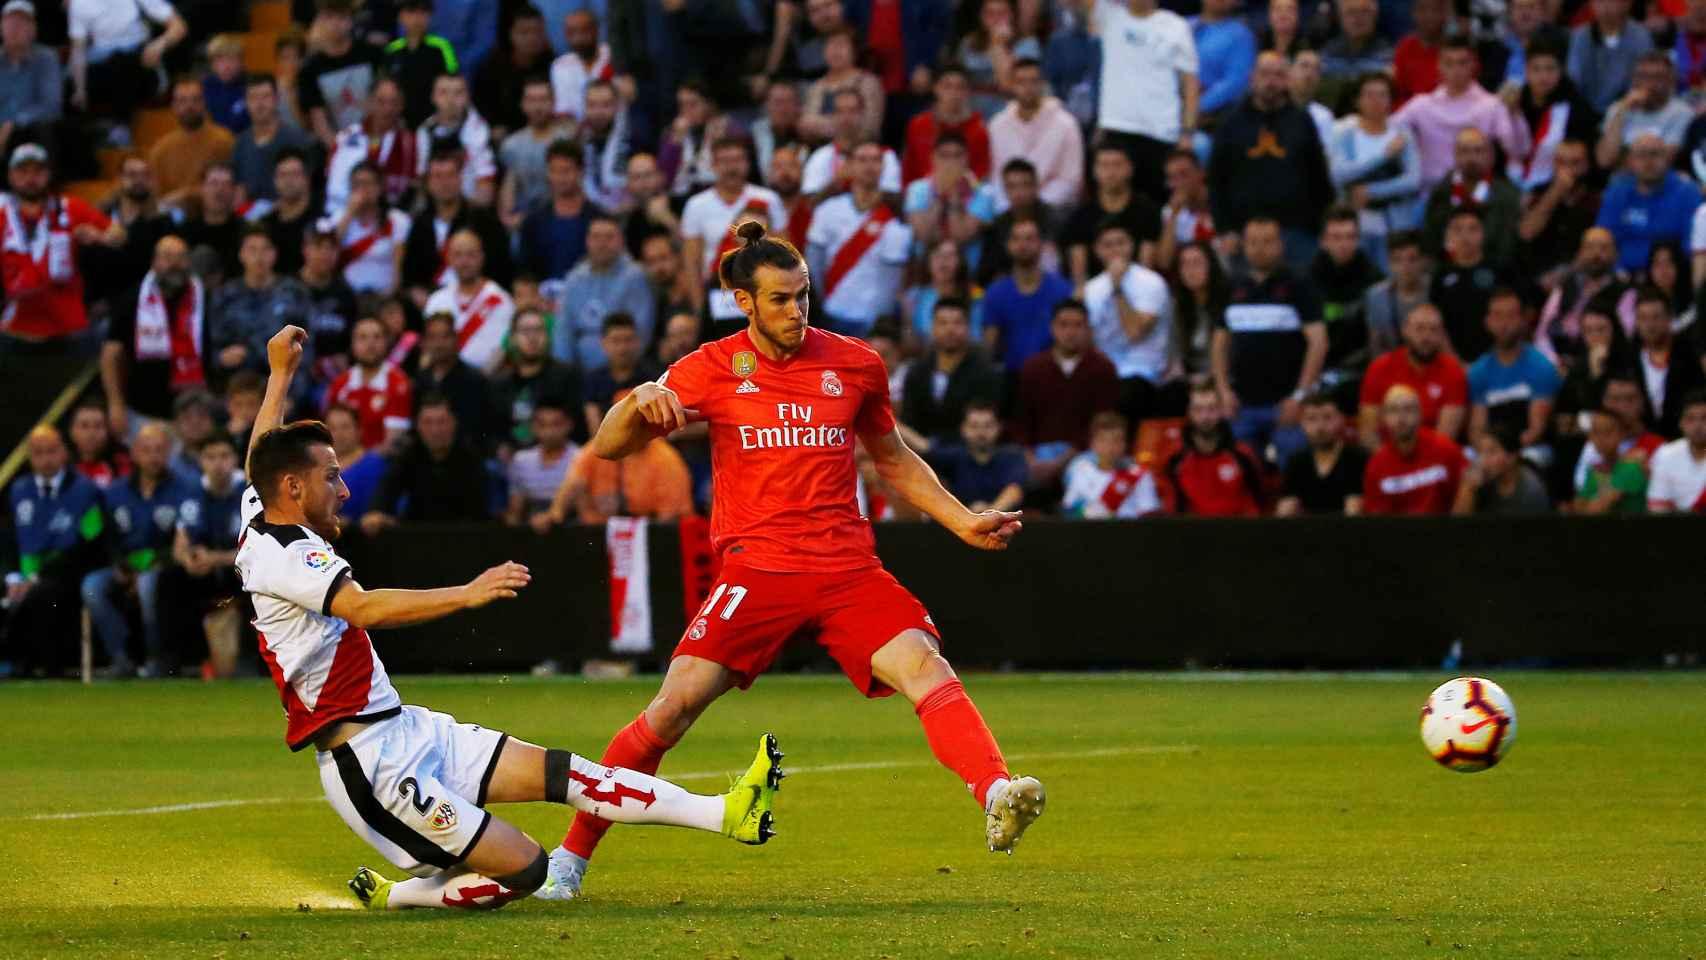 Tito intenta impedir que Gareth Bale dispare a portería